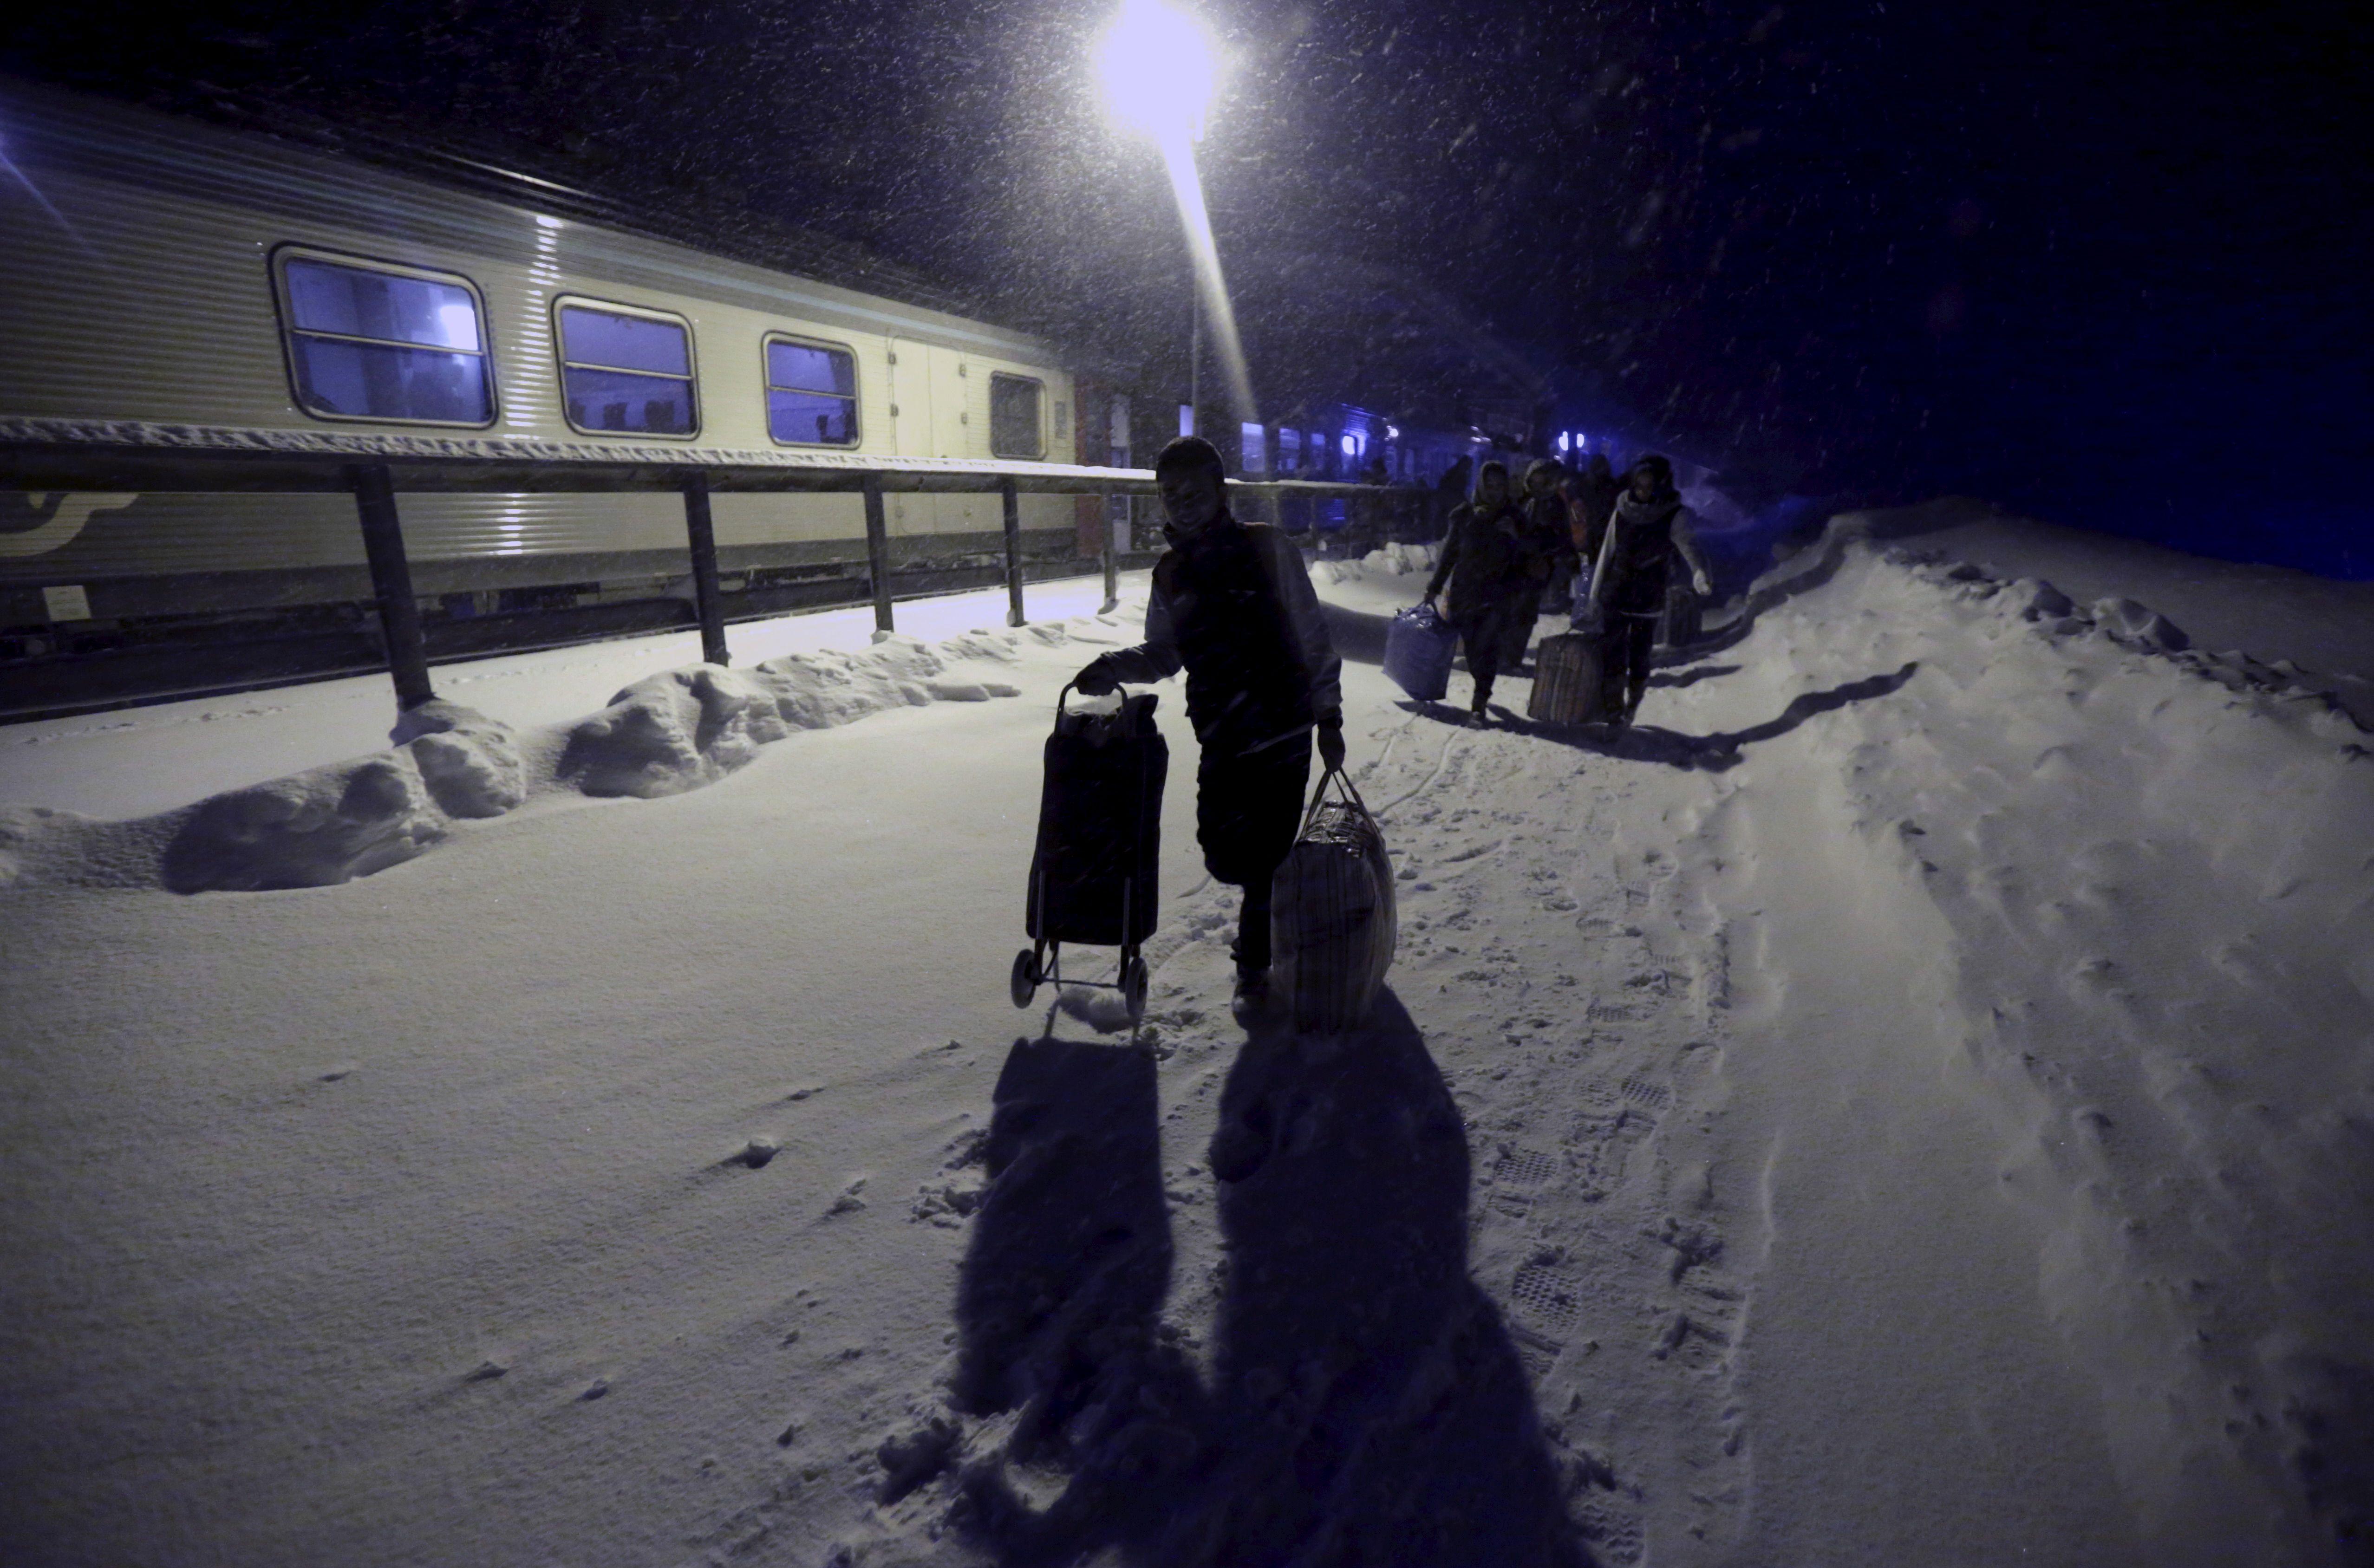 La Suède est le pays qui, proportionnellement à sa population, a accueilli le plus de migrants.